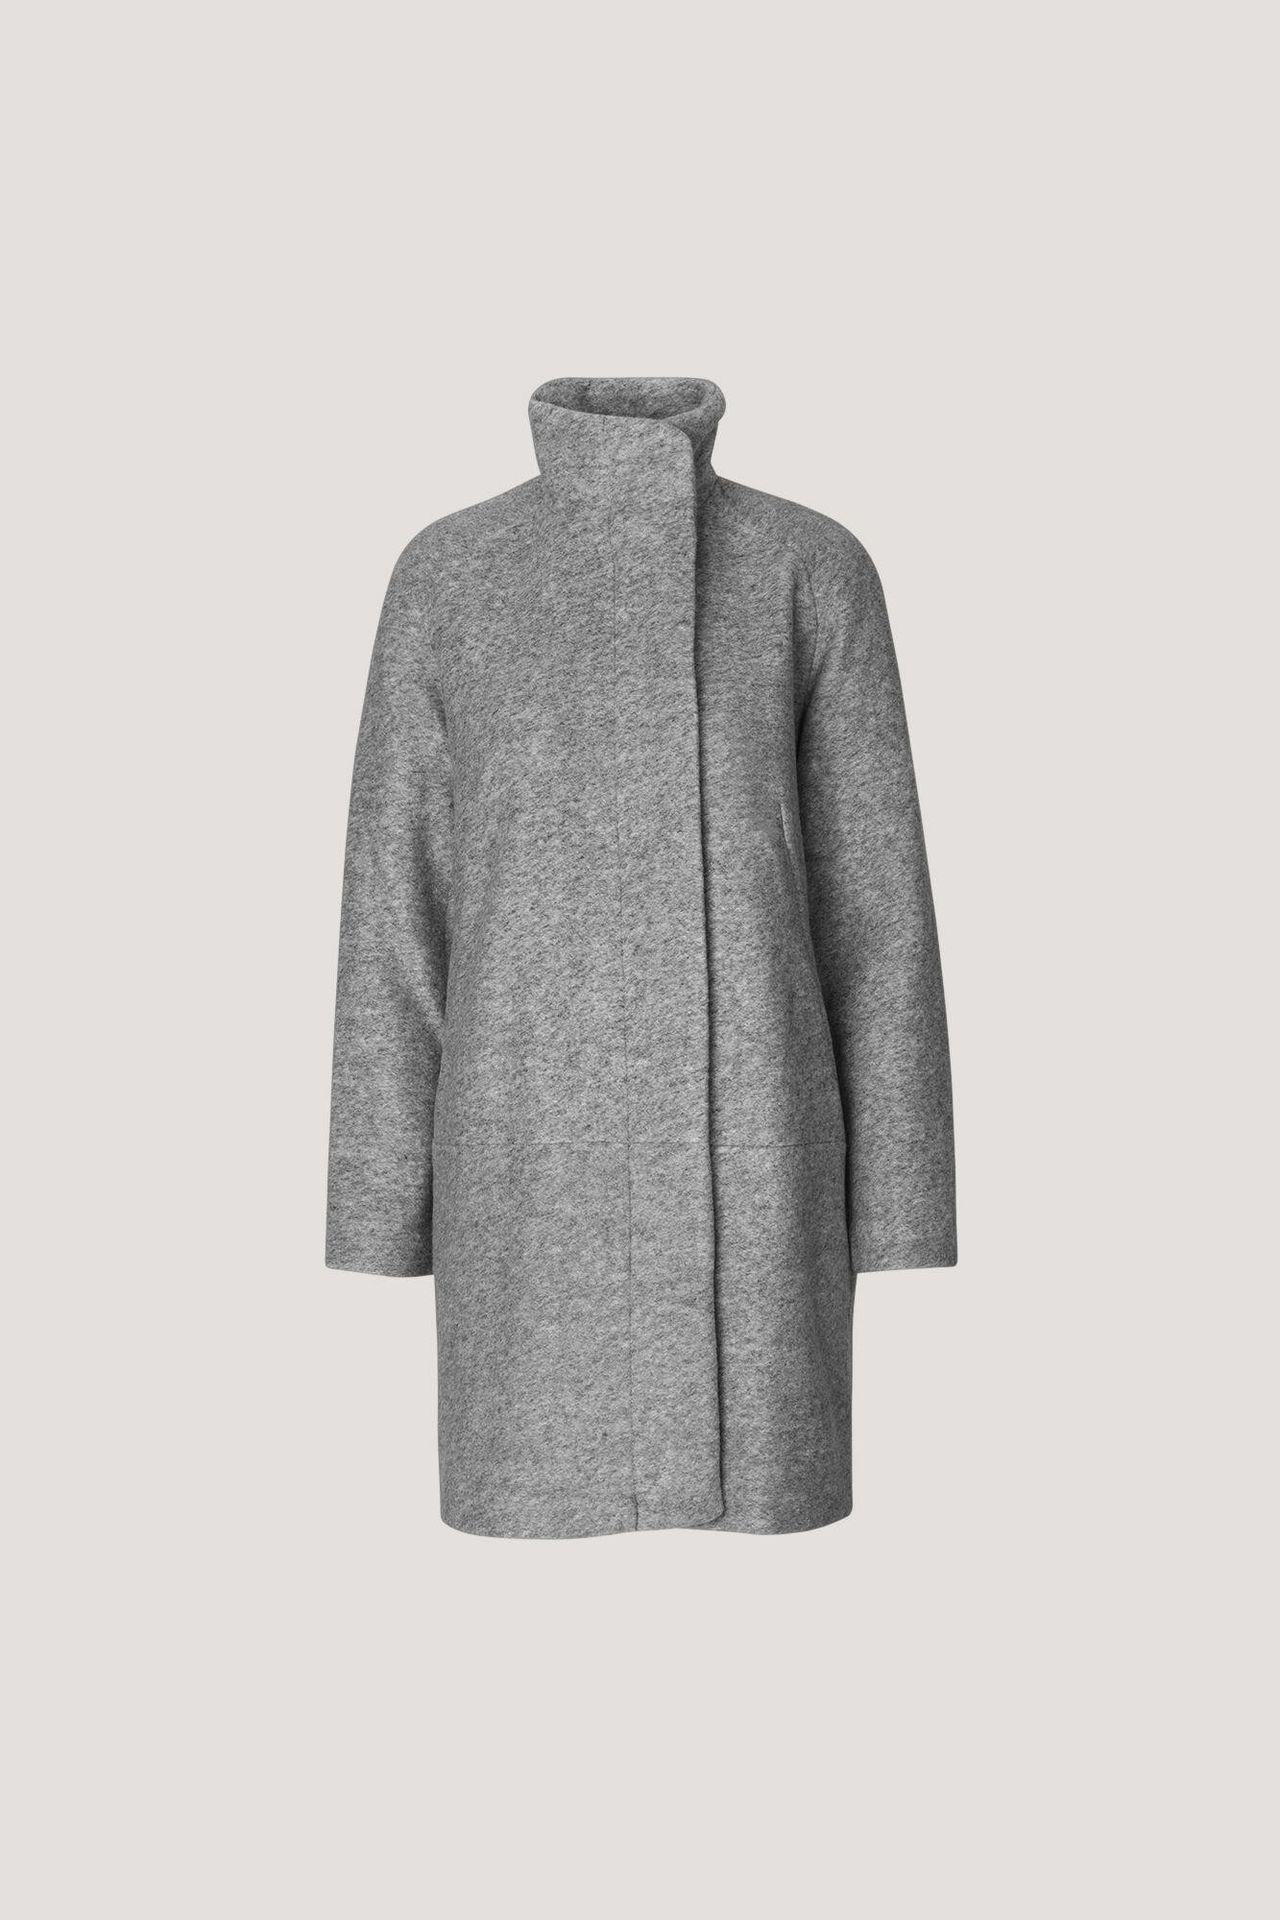 Varm og god Samsøe Hoff jacket, nesten ny | FINN.no